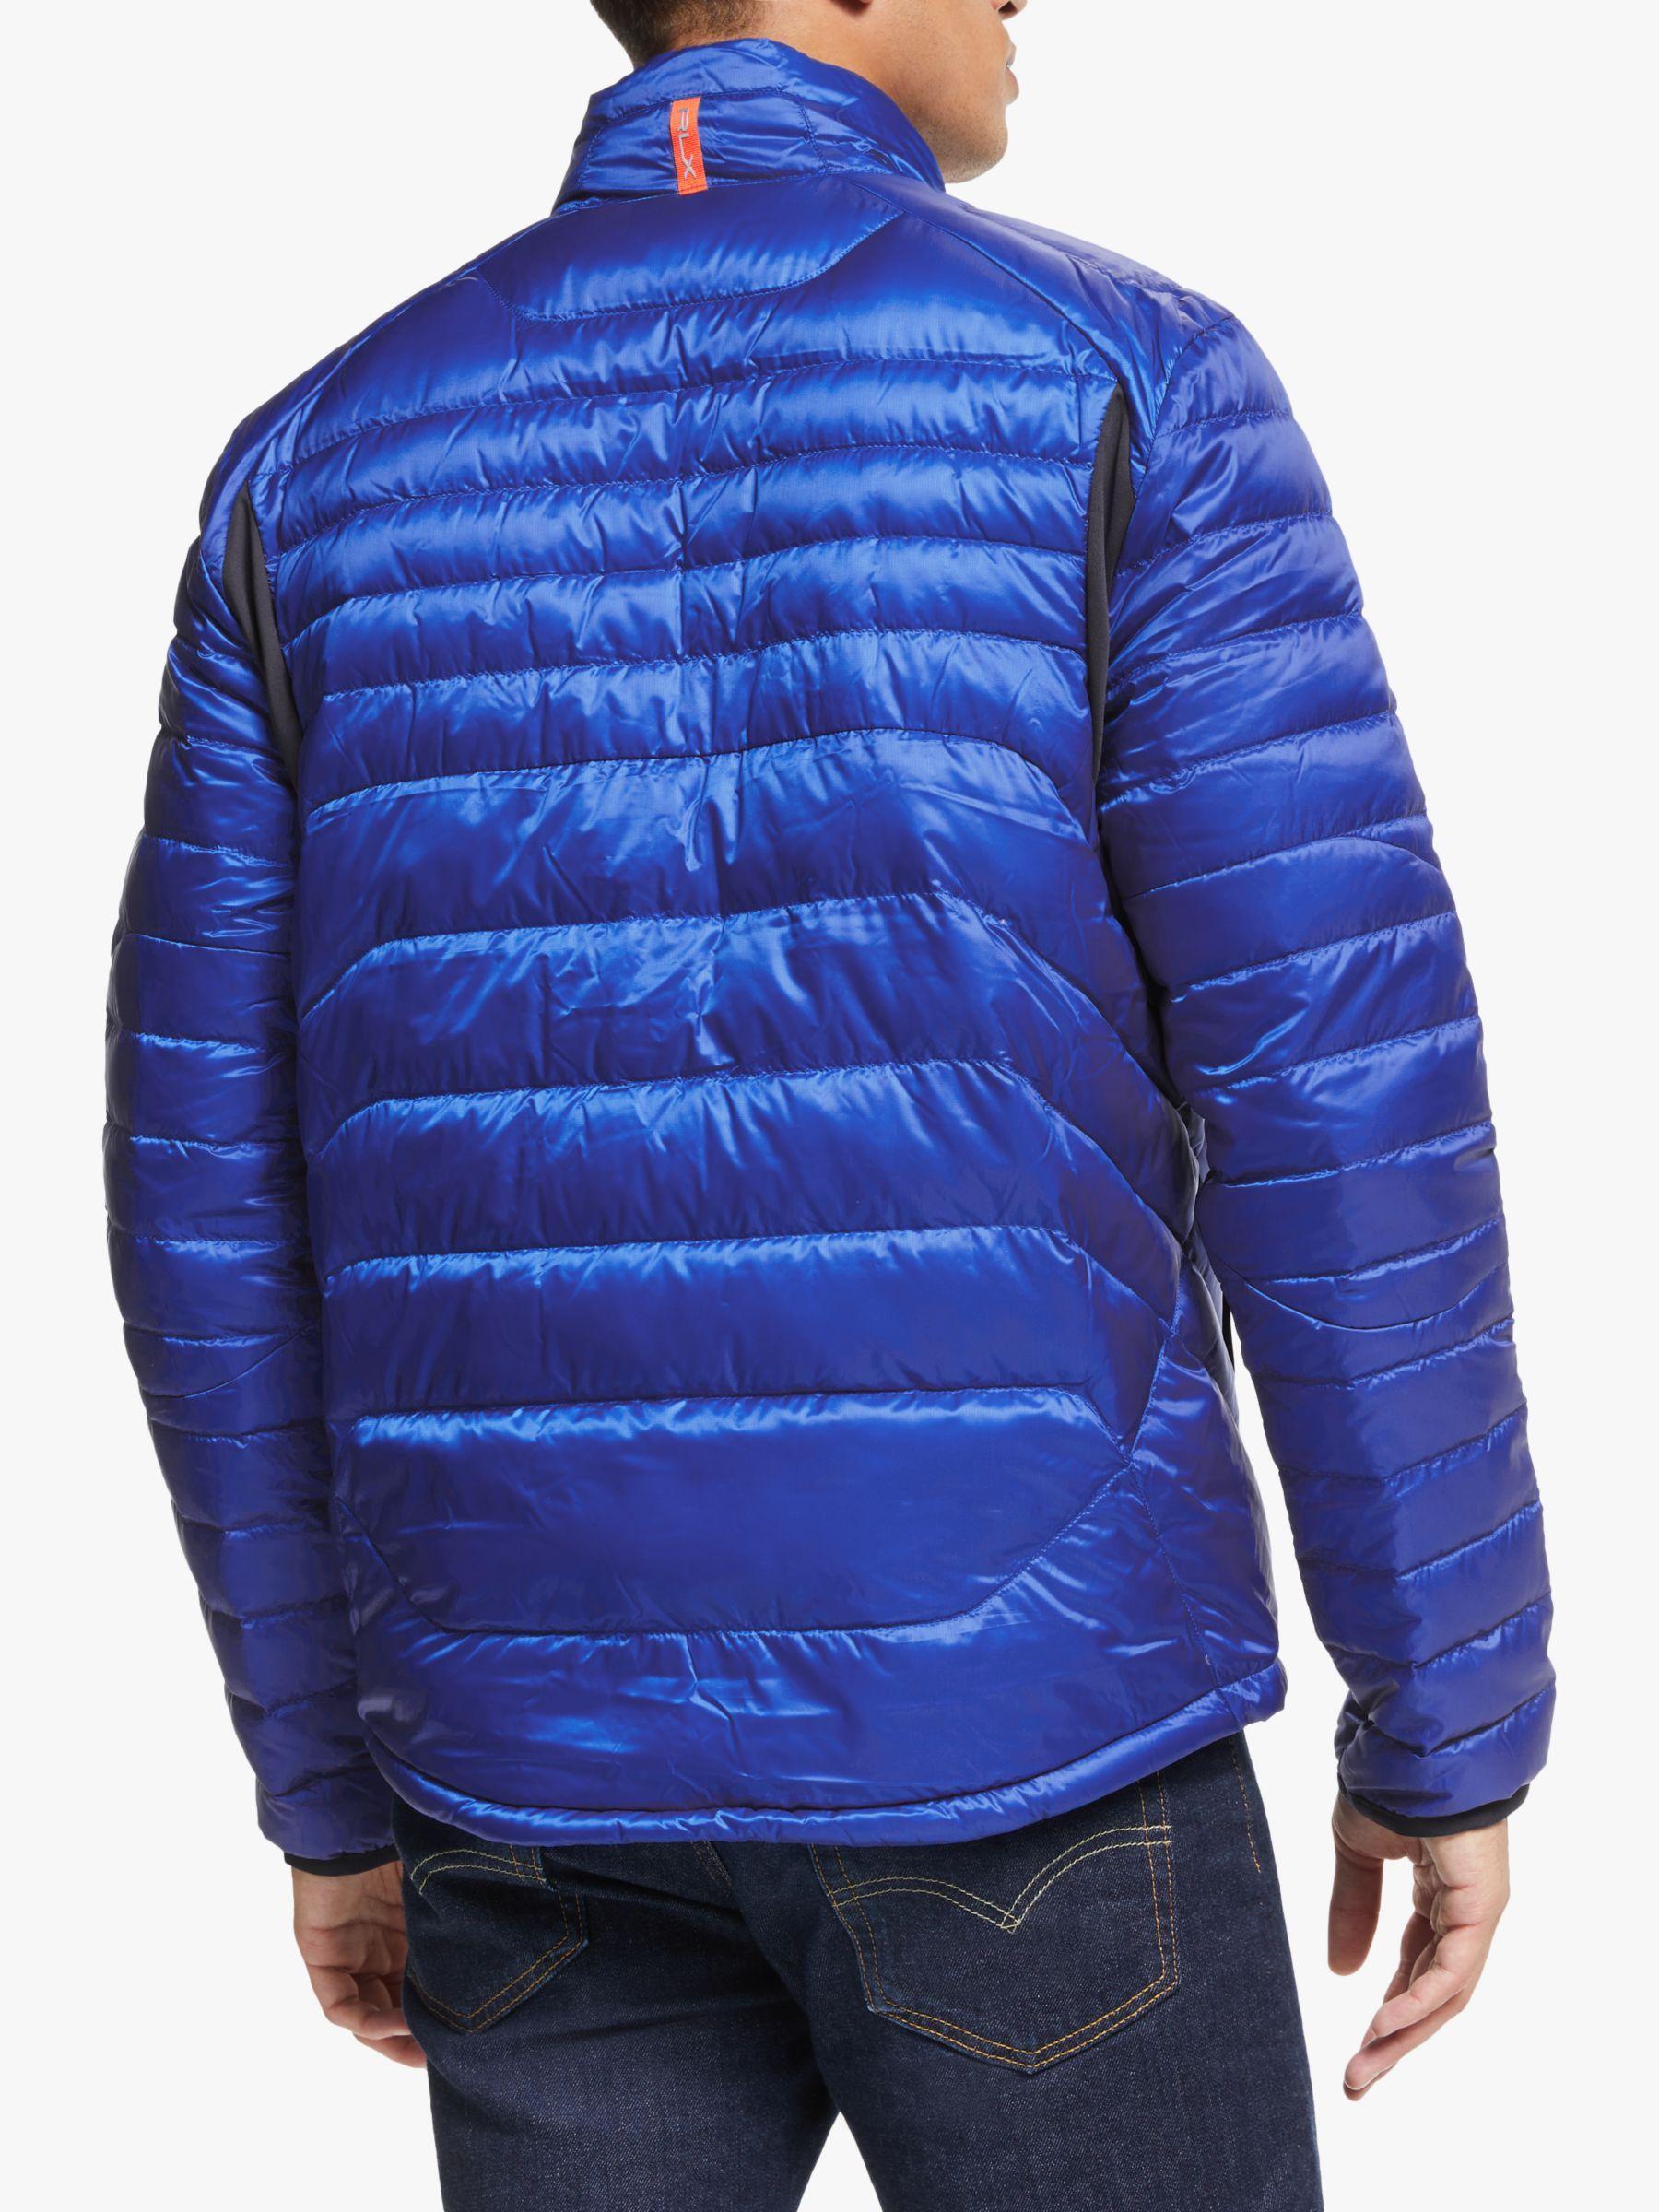 Polo Golf By Ralph Lauren Packable Down Jacket New Iris Blue Ralph Lauren Golf Wear